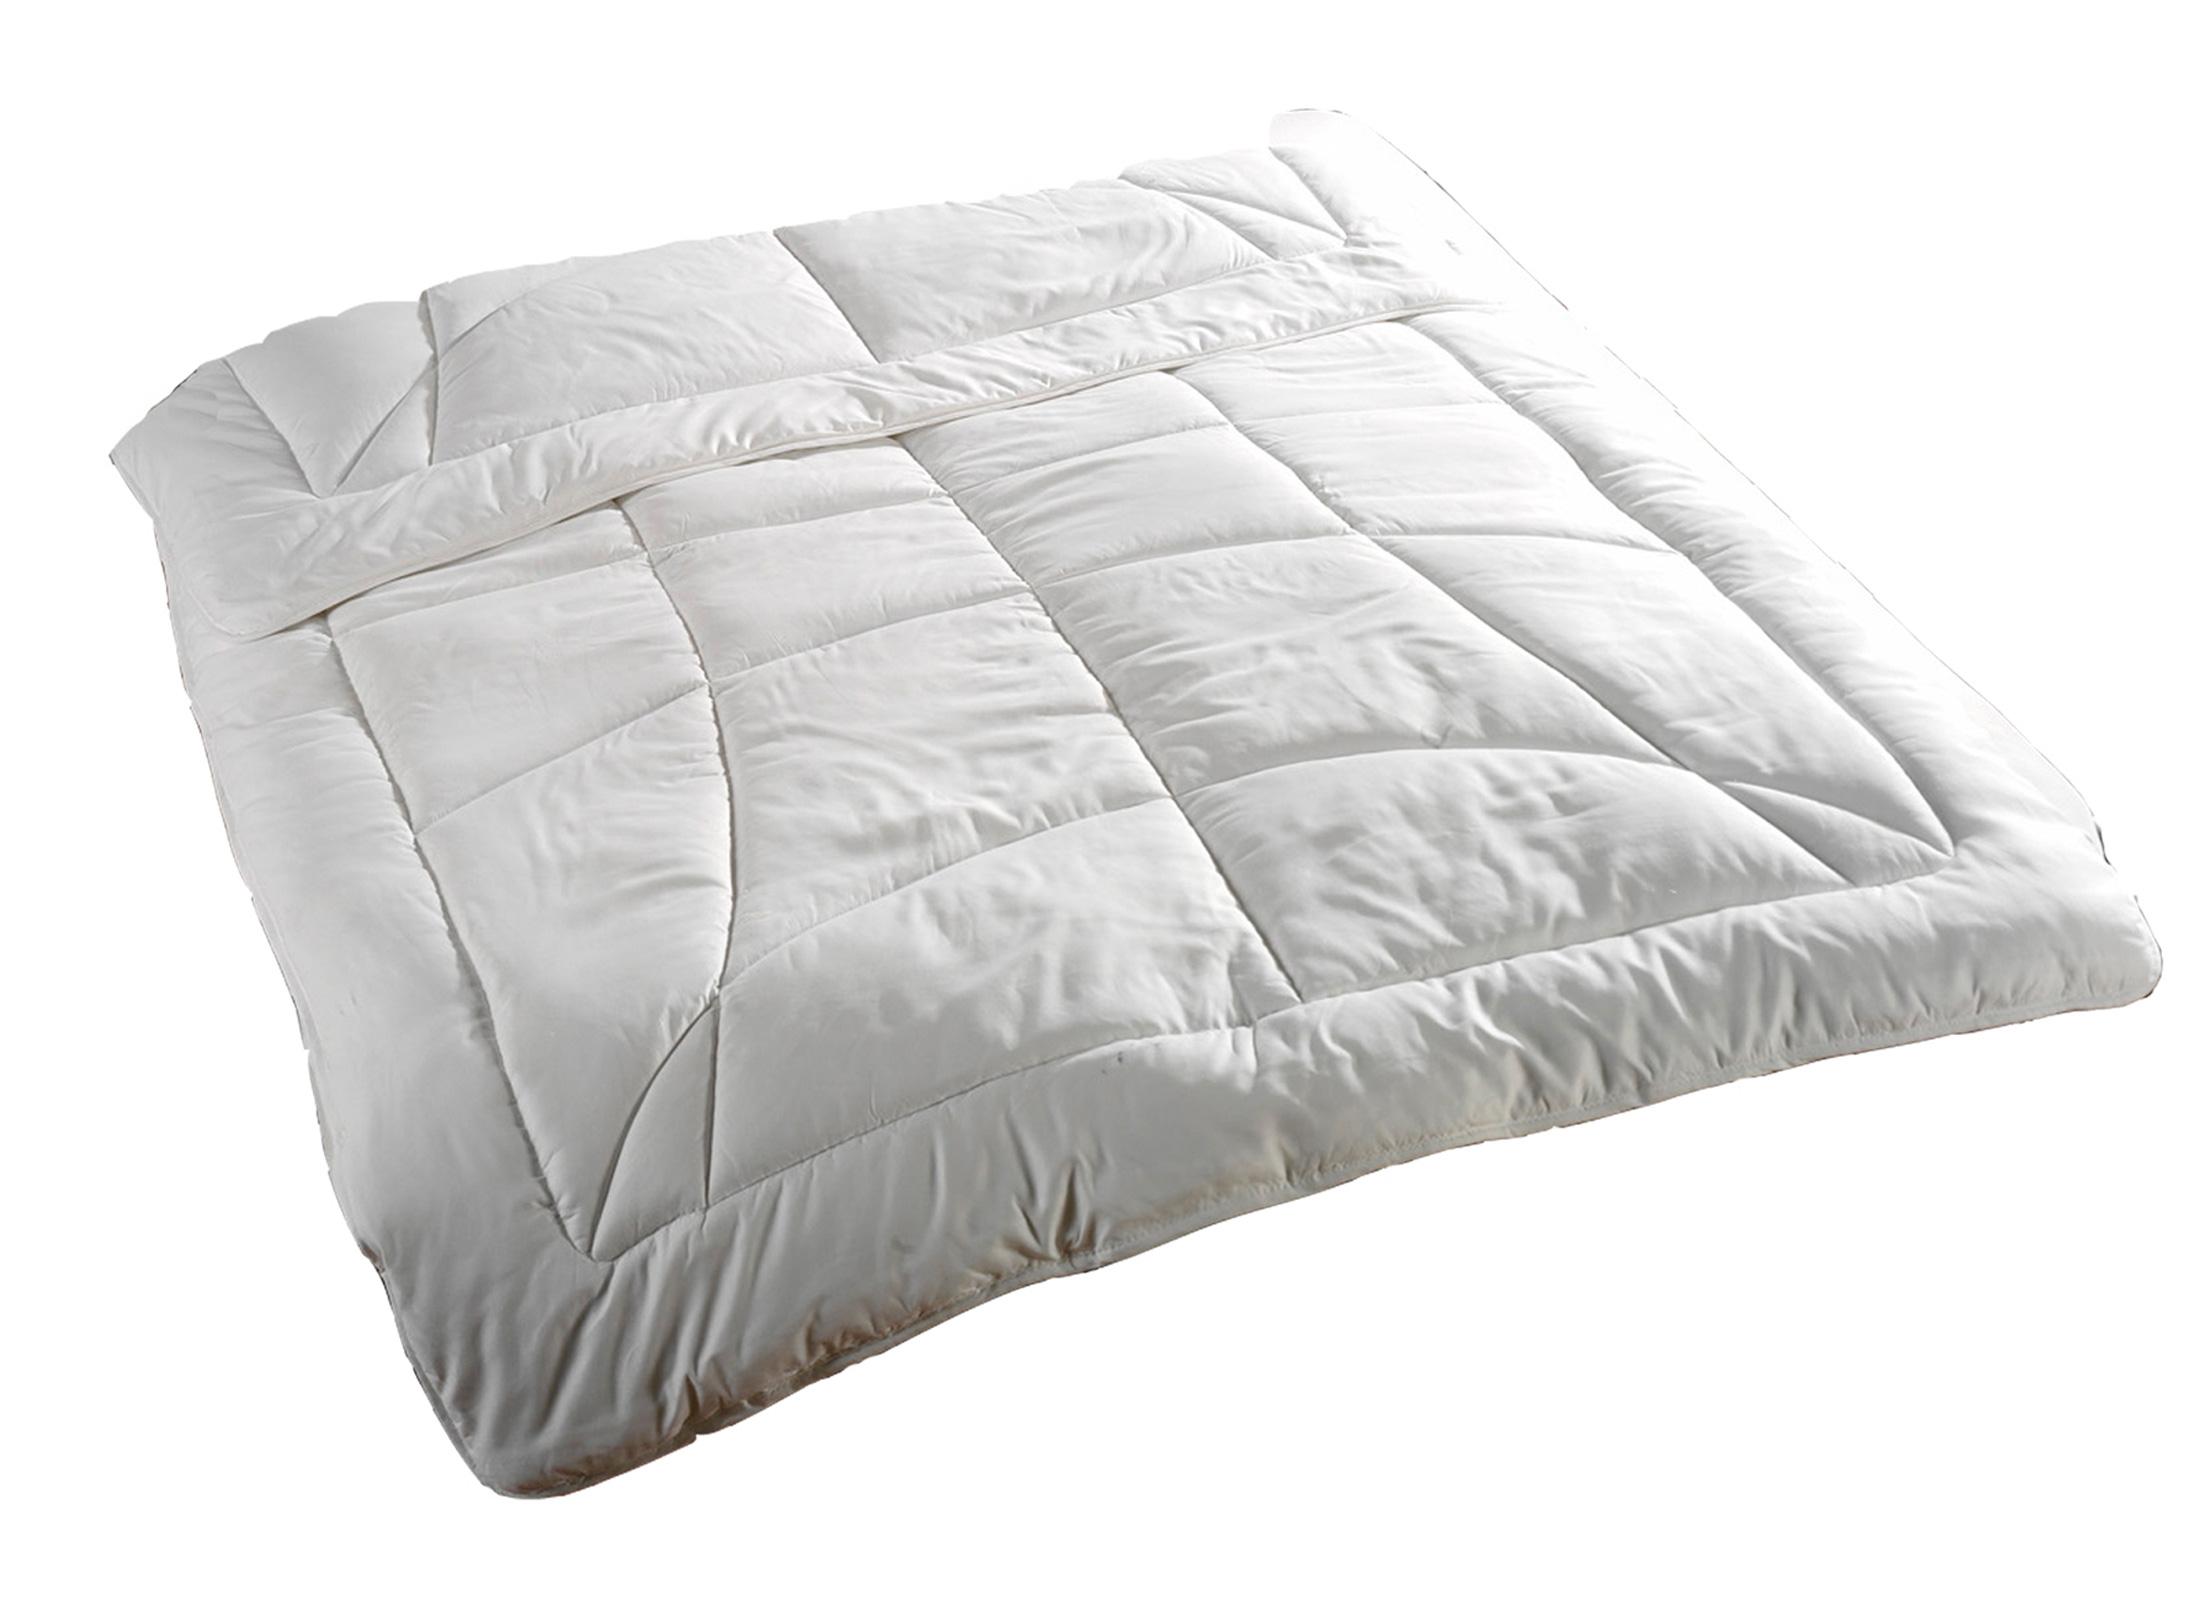 Bettdecken und Kopfkissen - Monobett 3M Thinsulate Ganzjahresdecke Bettdecke  - Onlineshop PremiumShop321